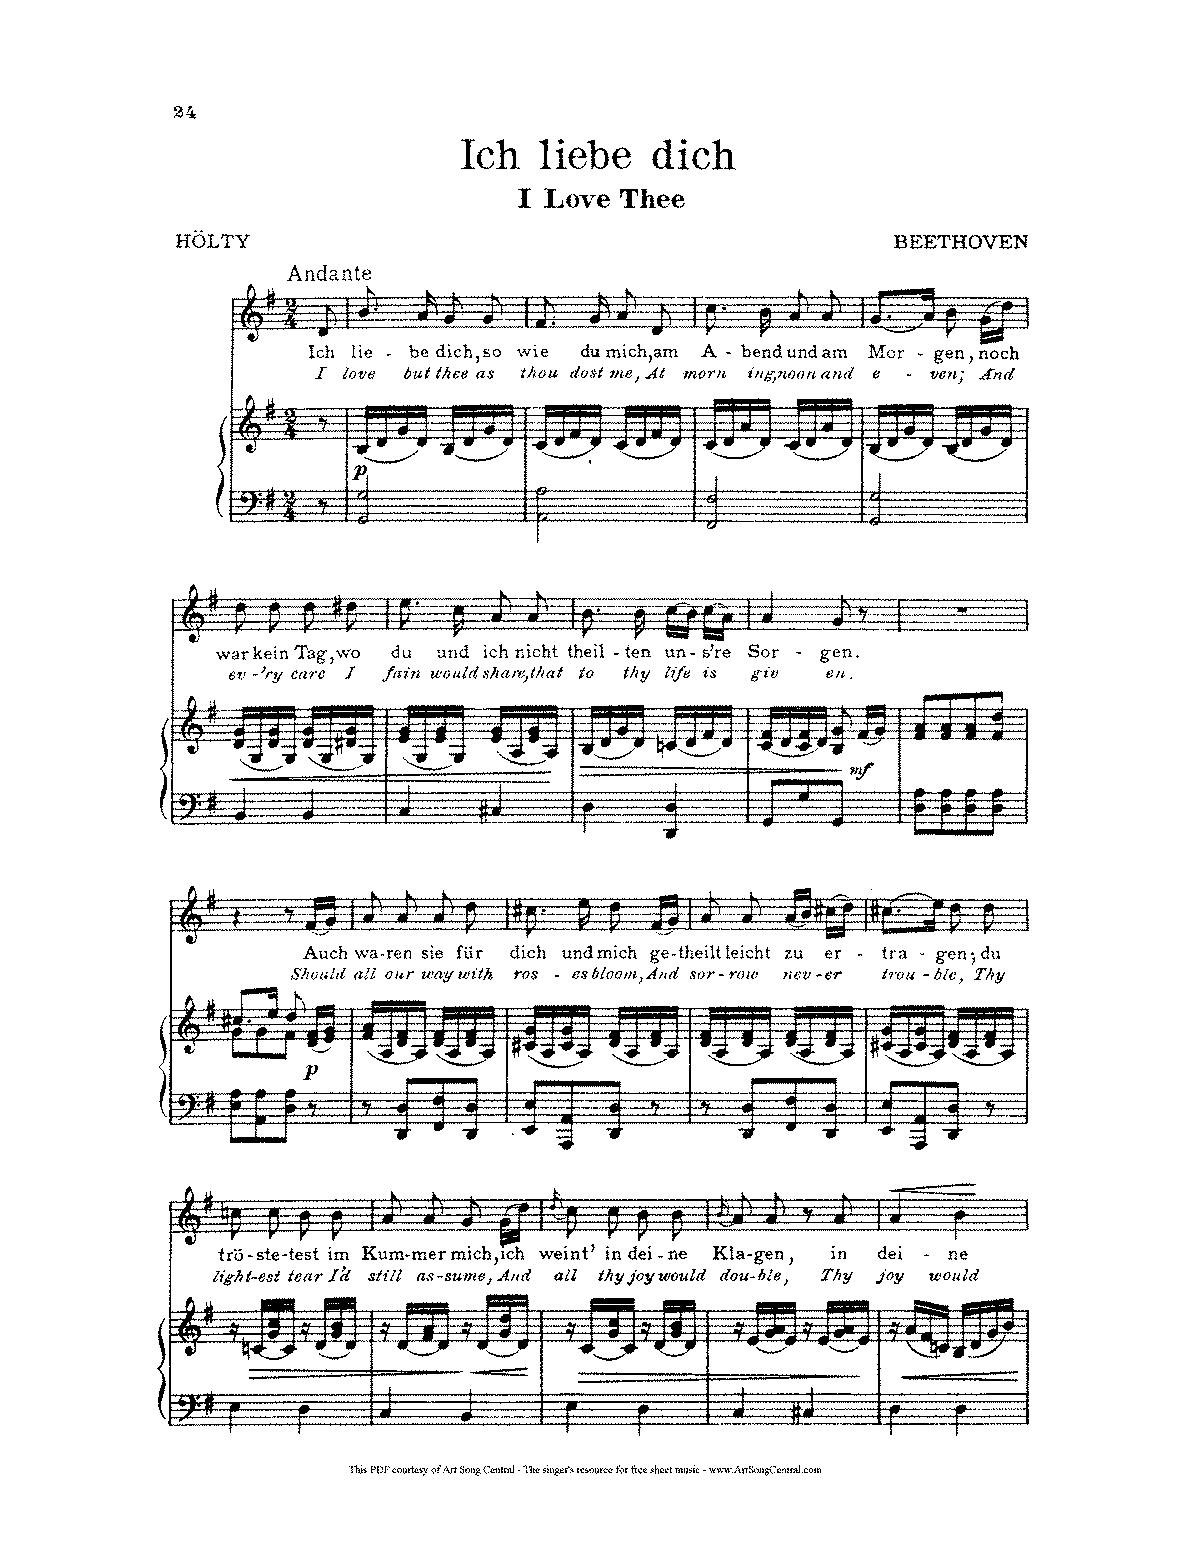 Lieder mit Liebe Liebe Liebe in Texten